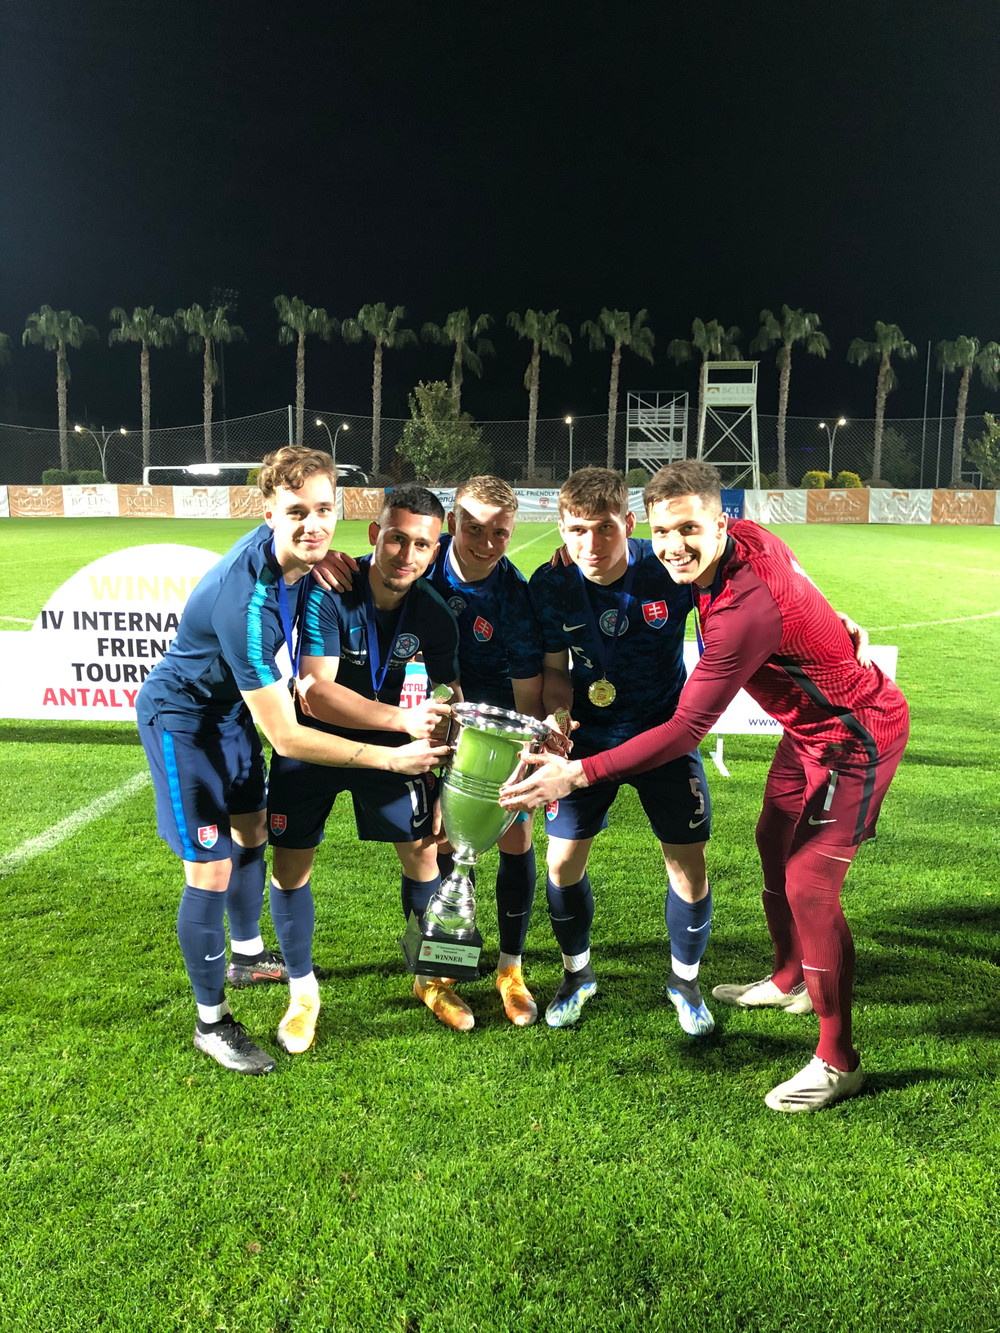 Antalya Cup 2021